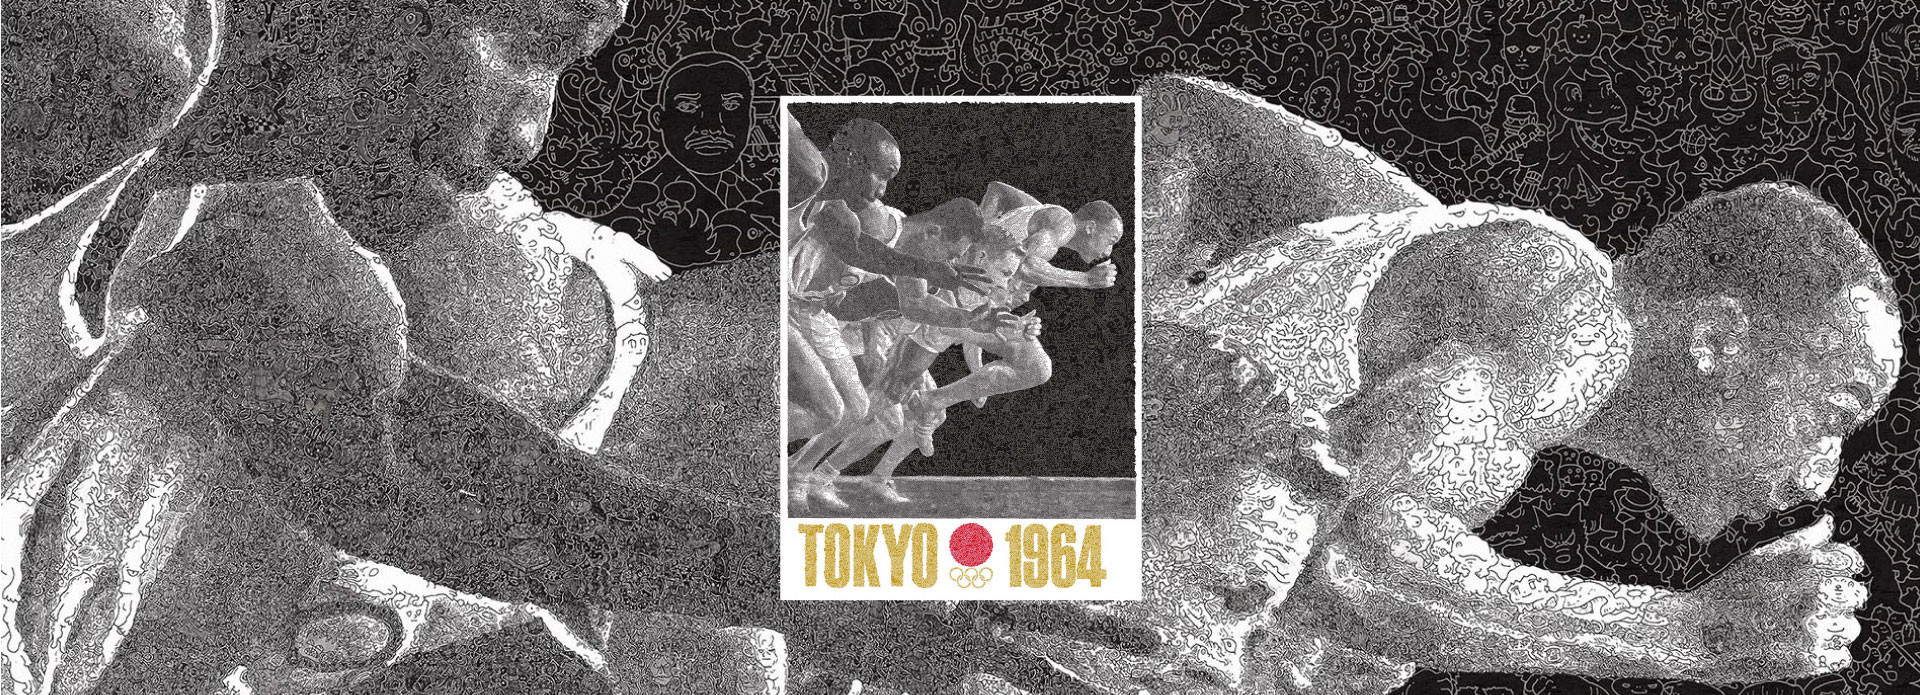 Keita Sagaki Print Work | サガキケイタ版画作品